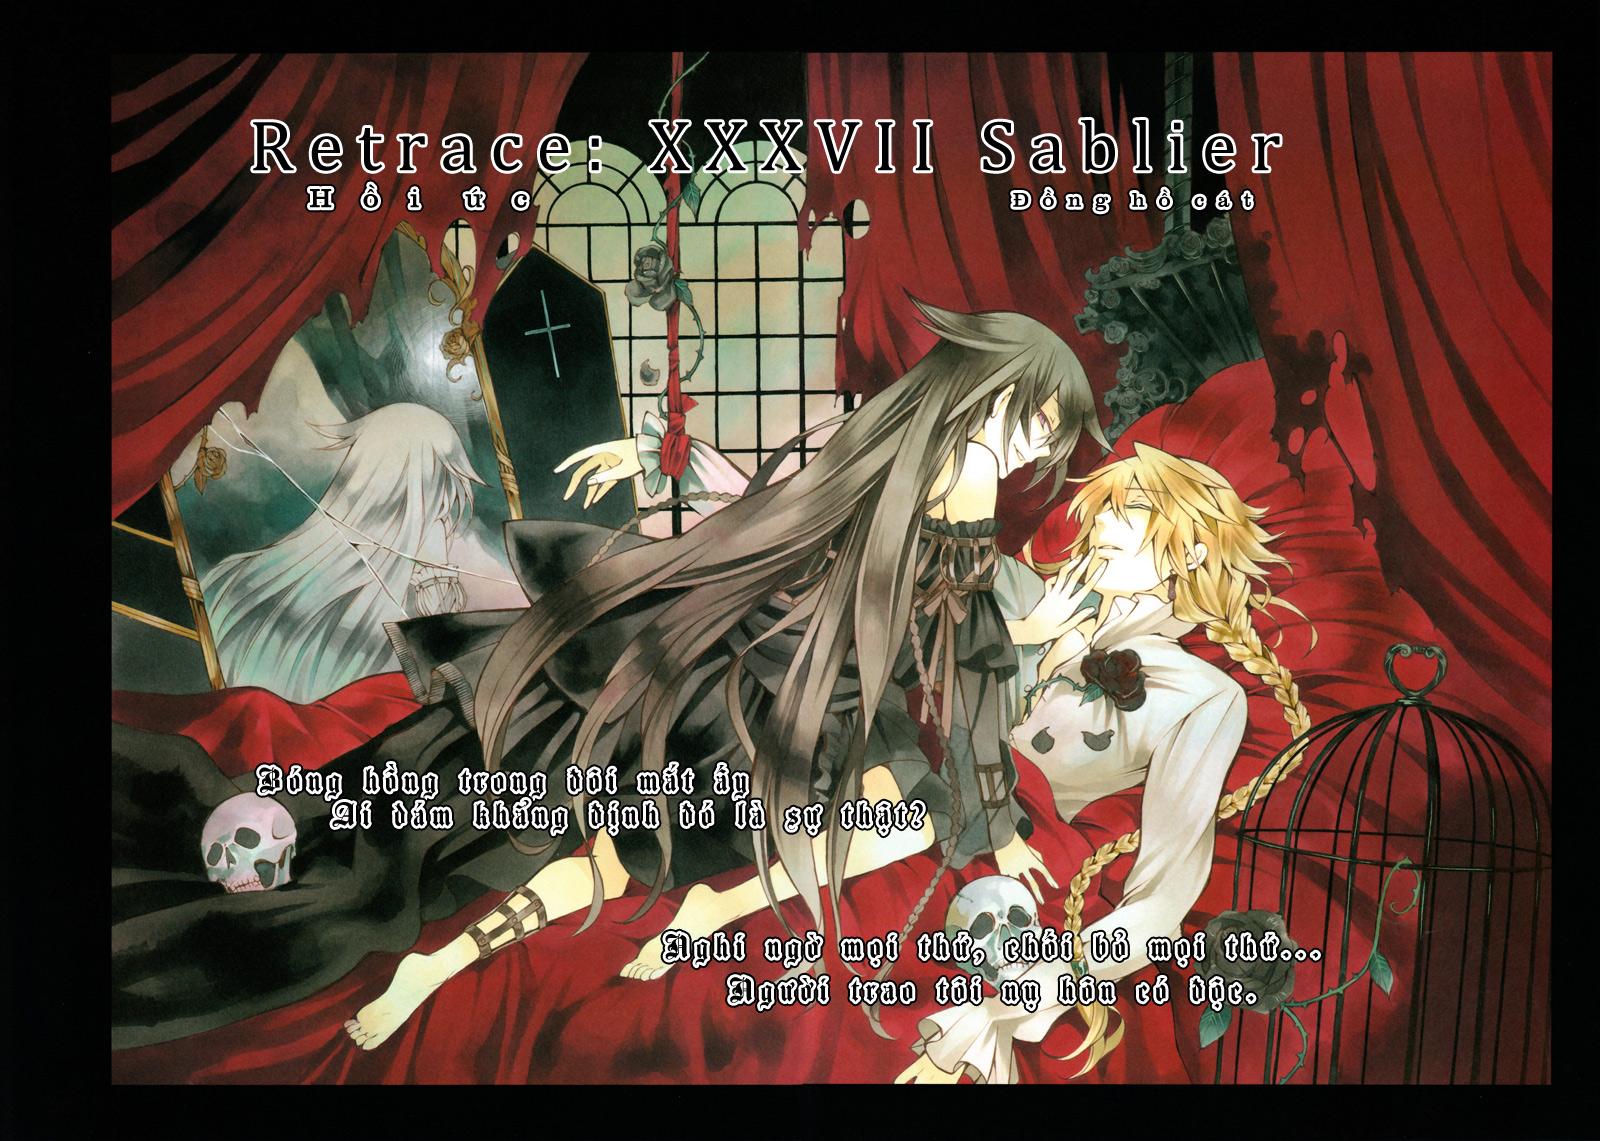 Pandora Hearts chương 036 - retrace: xxxvi sablier trang 3